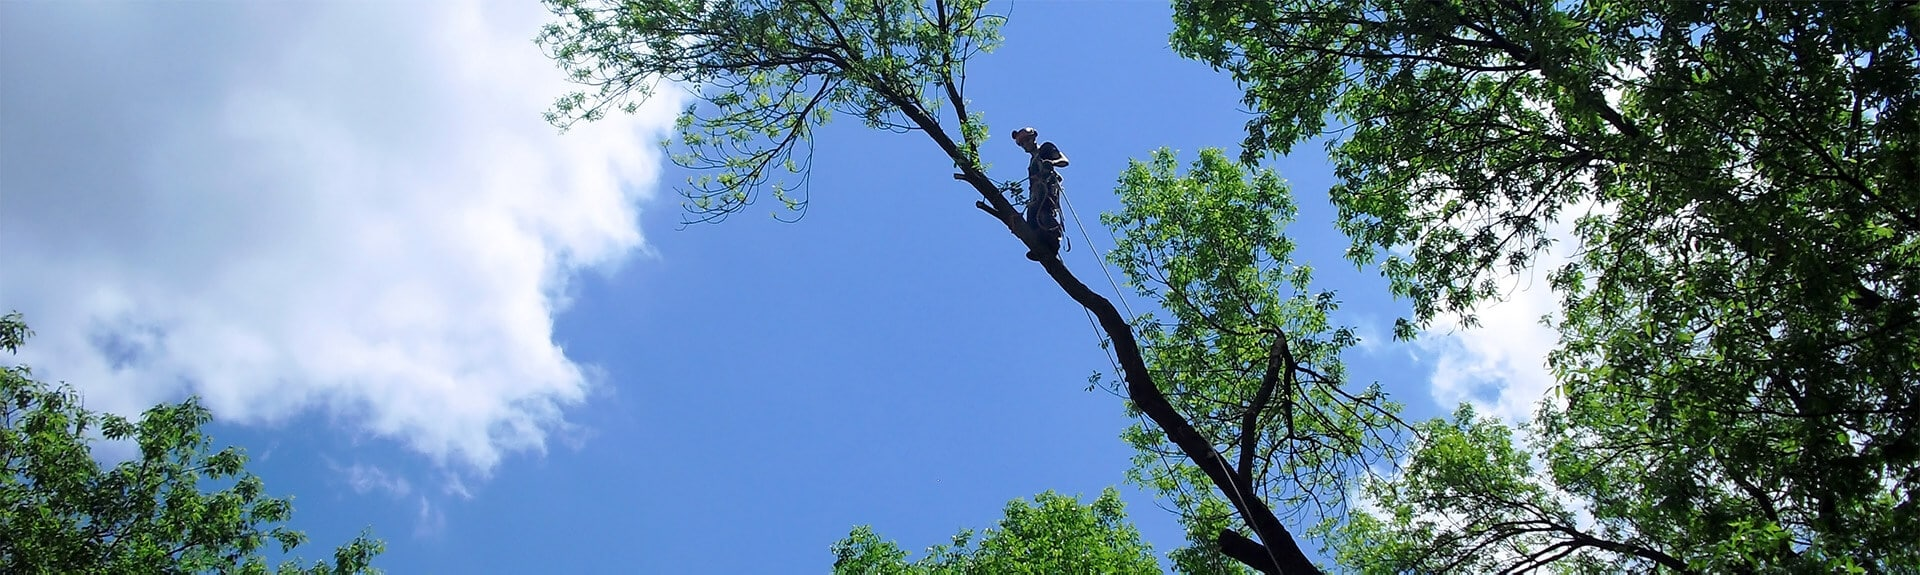 élagage d'arbre